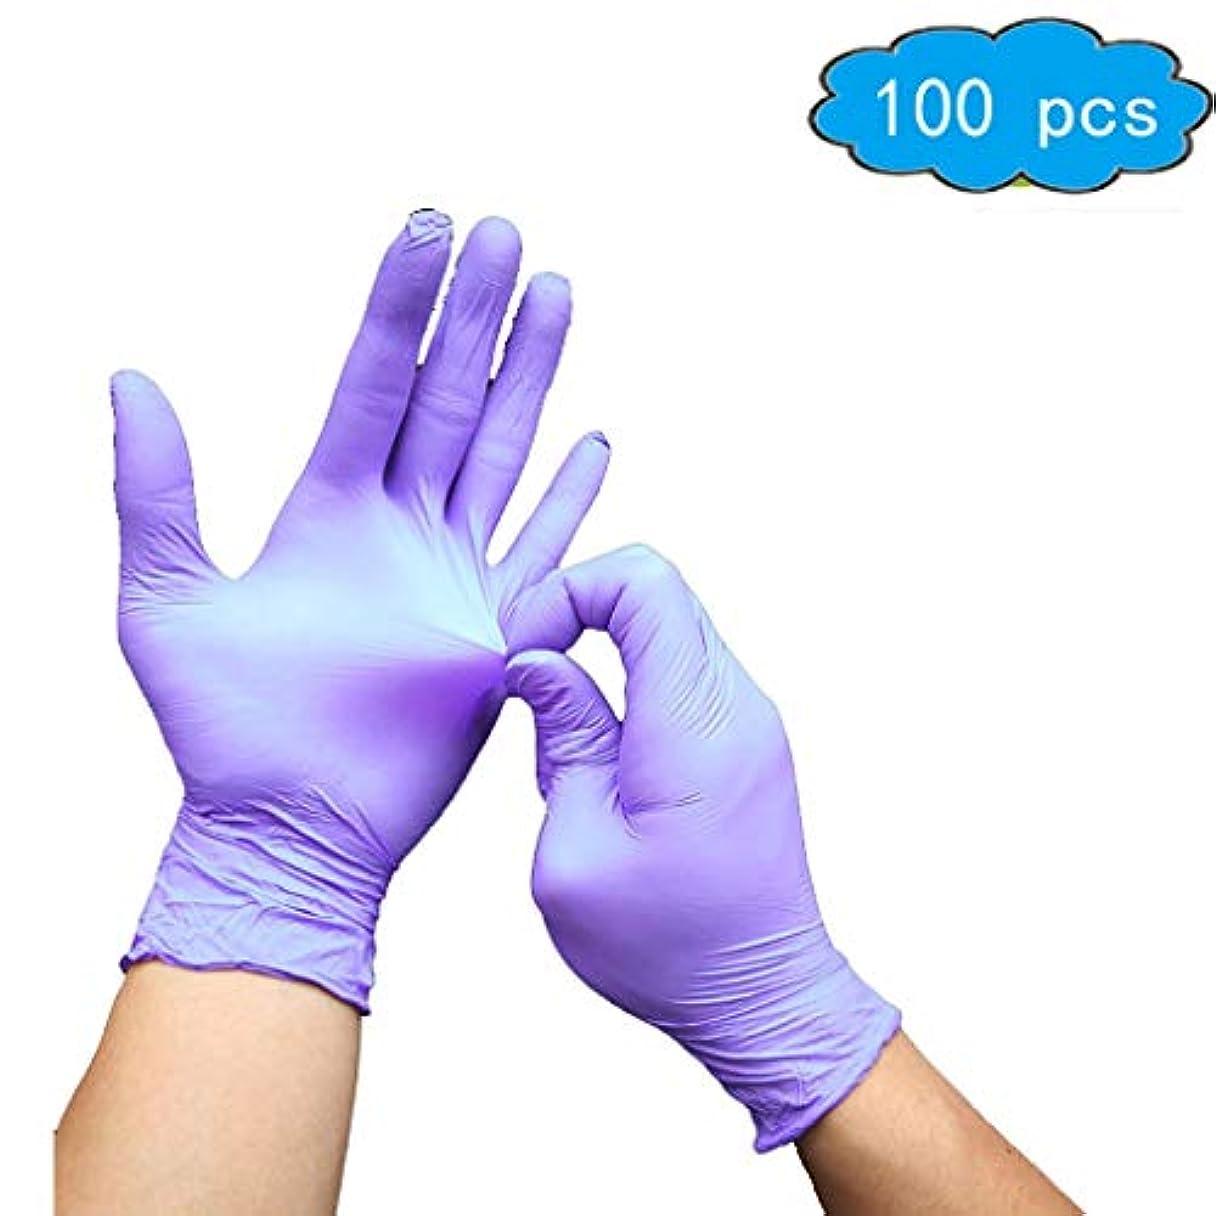 反発する候補者取得する使い捨てニトリル手袋-4ミル、パウダーフリー、テクスチャード、使い捨て、小、100個入り、防水、ゴムラテックス、タトゥー、耐油性 (Color : Purple, Size : XS)